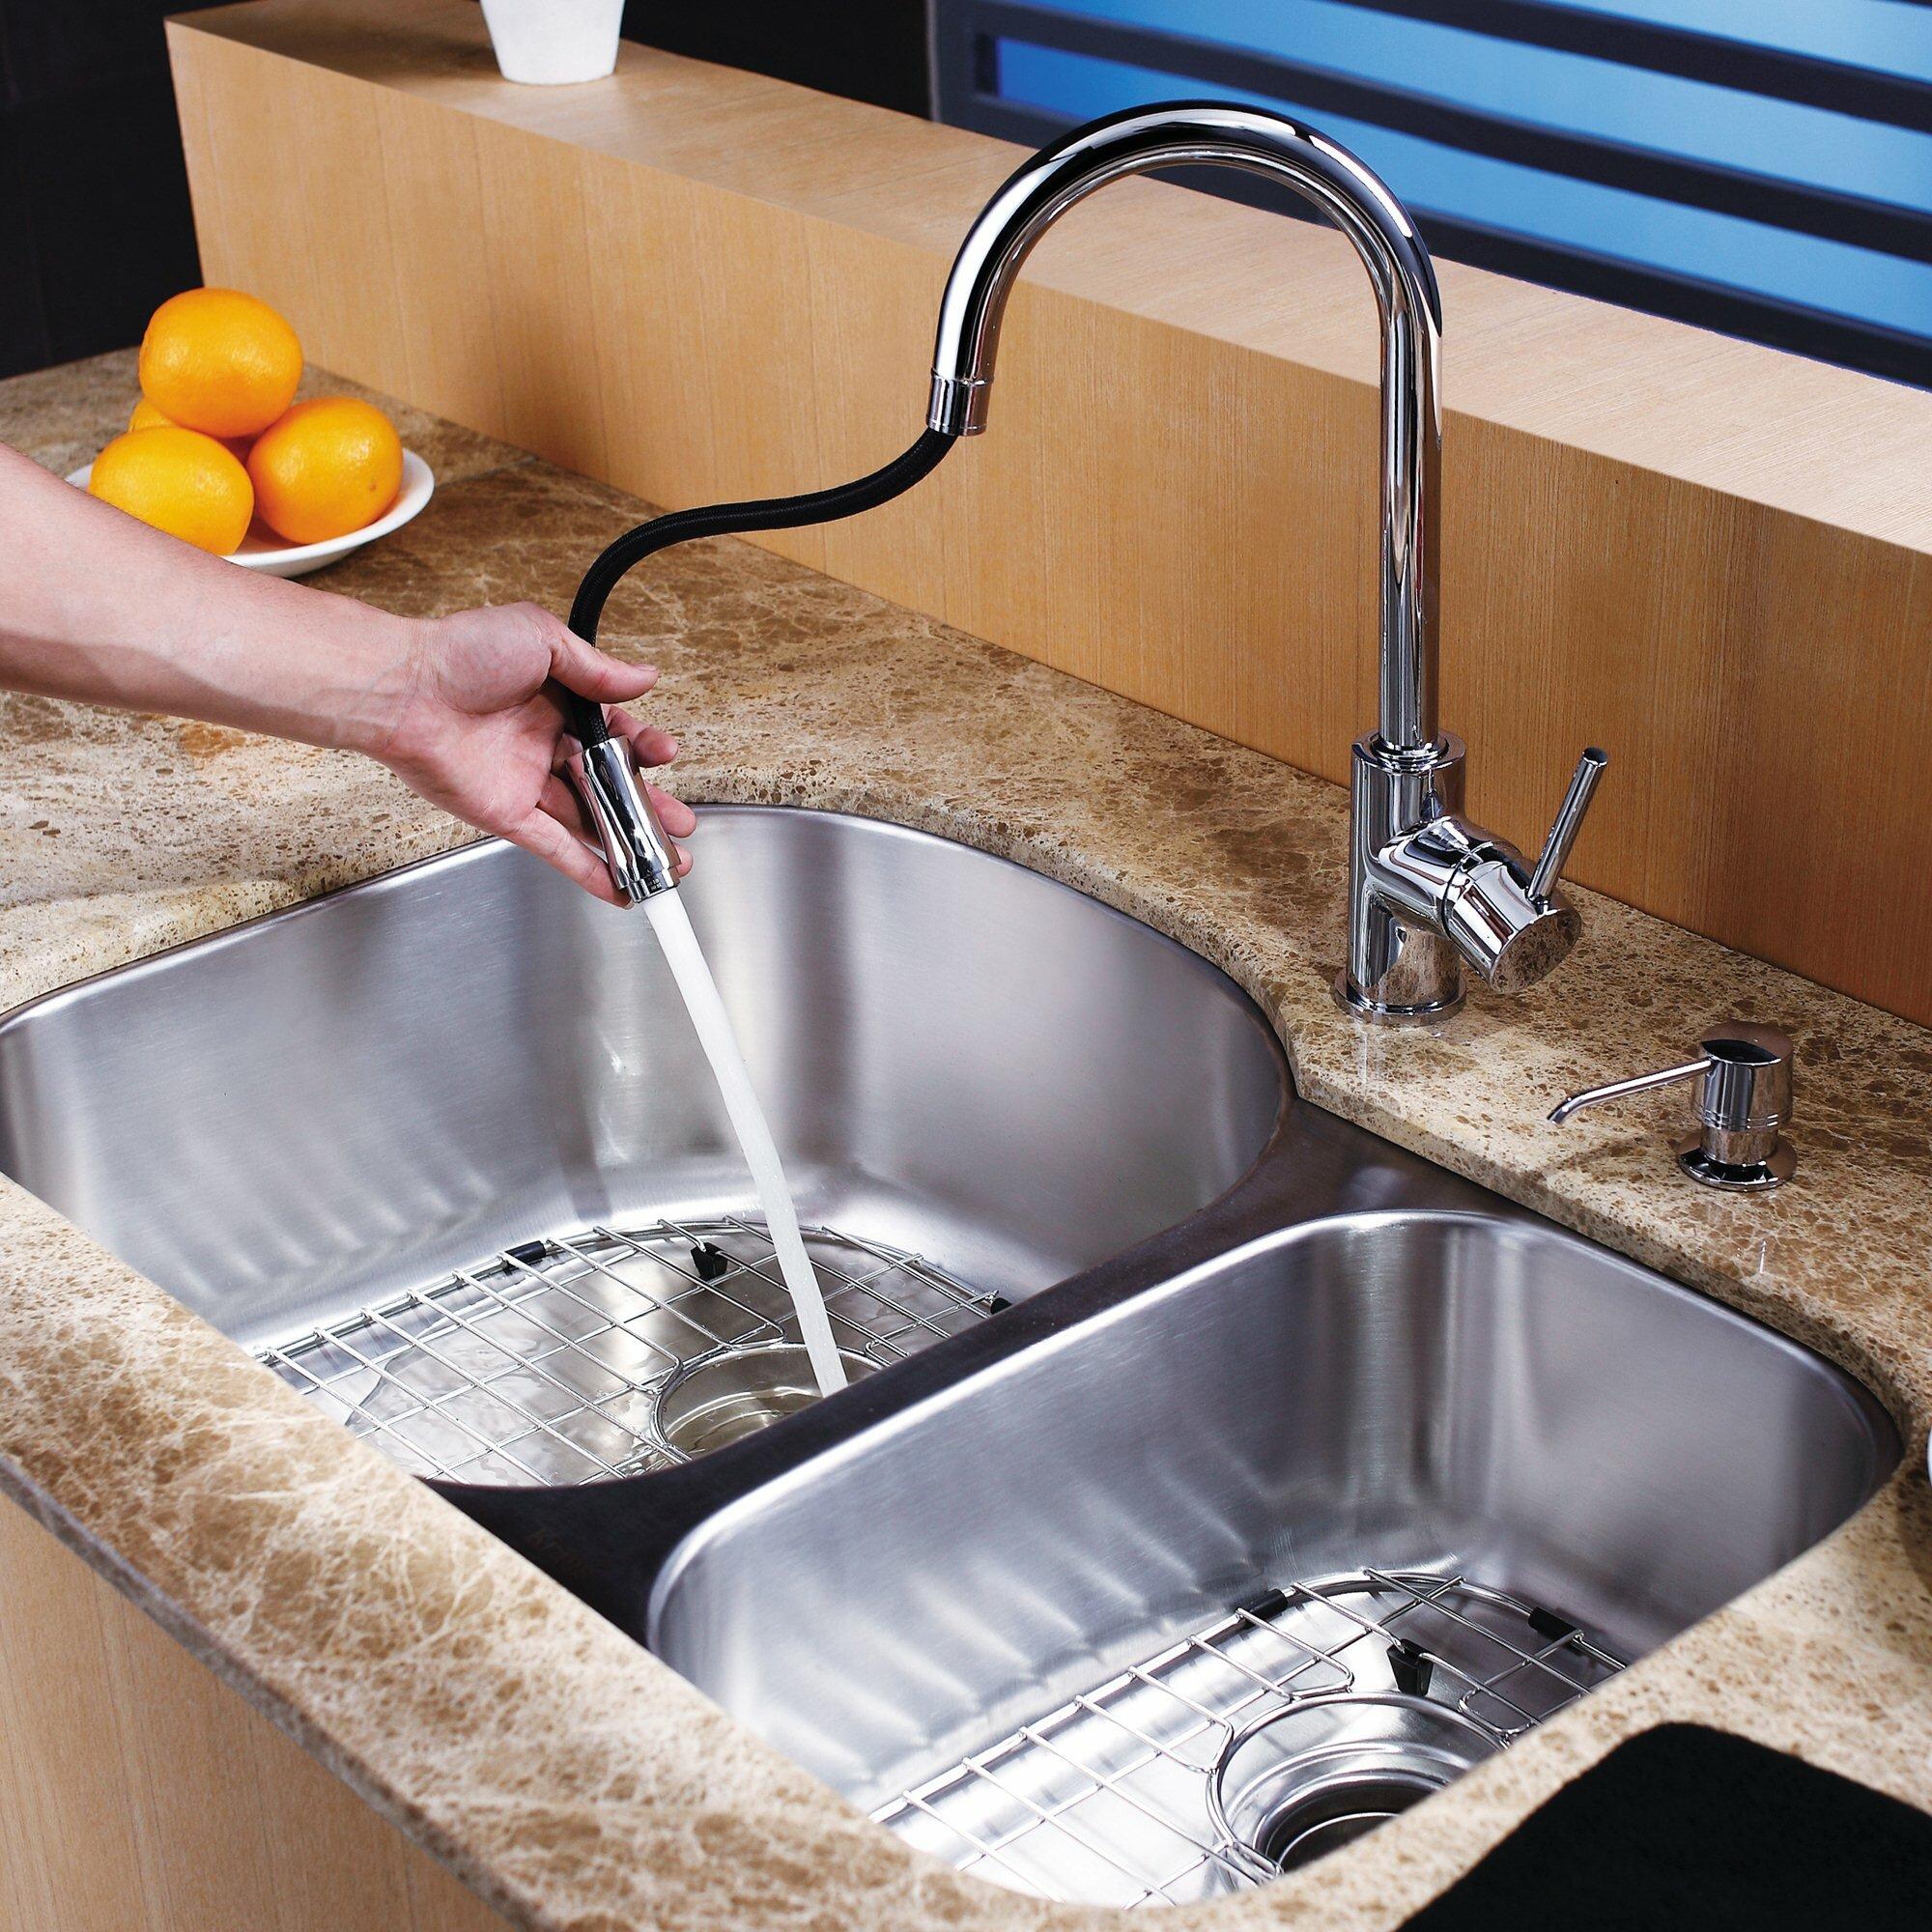 Kraus 31 5 x 20 5 8 piece undermount double bowl kitchen - Kitchen sink pieces ...